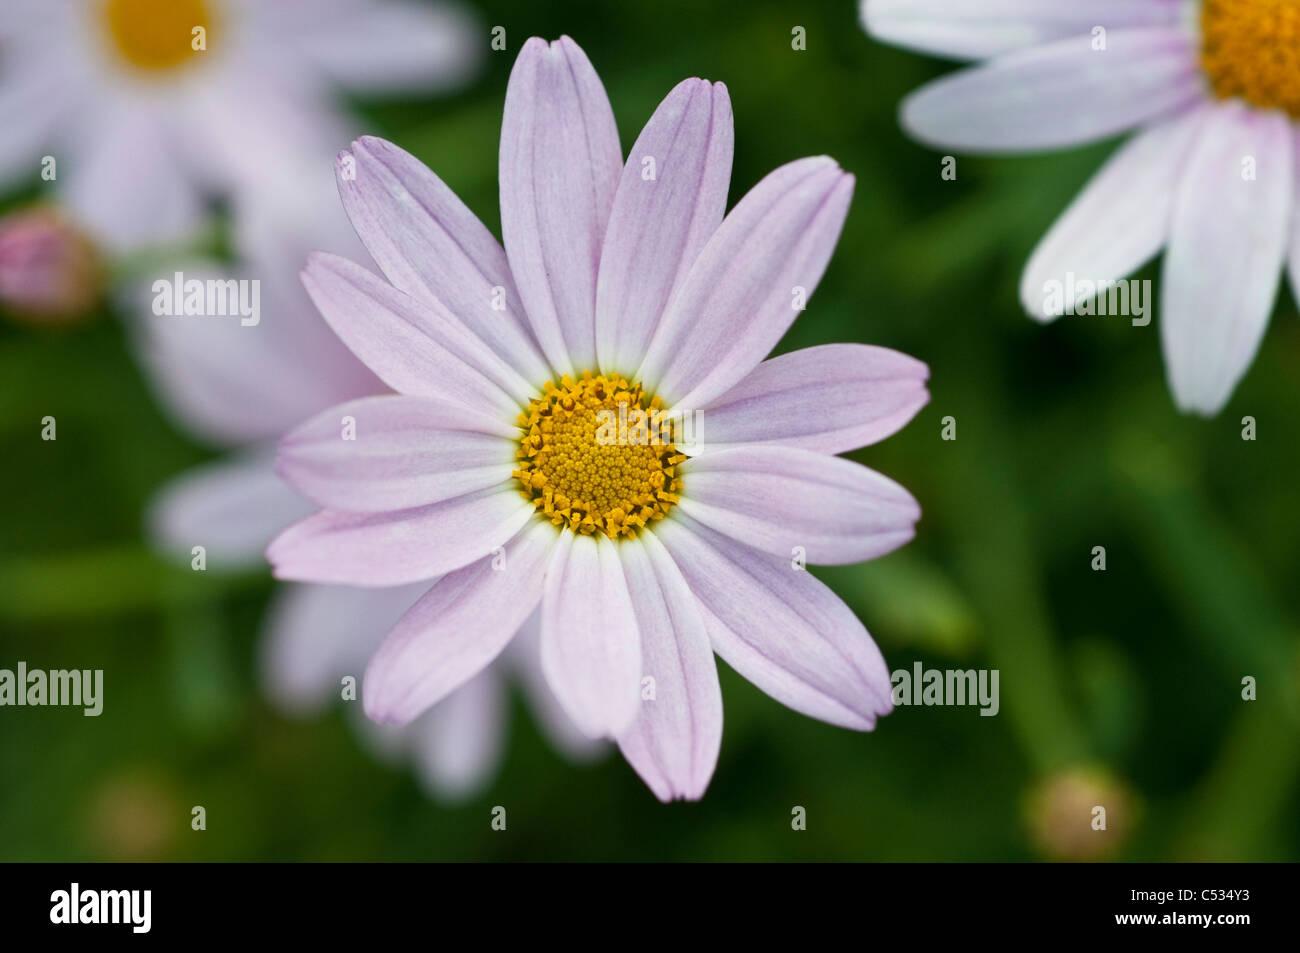 Daisy like flower stock photos daisy like flower stock images alamy single daisy like flower stock image izmirmasajfo